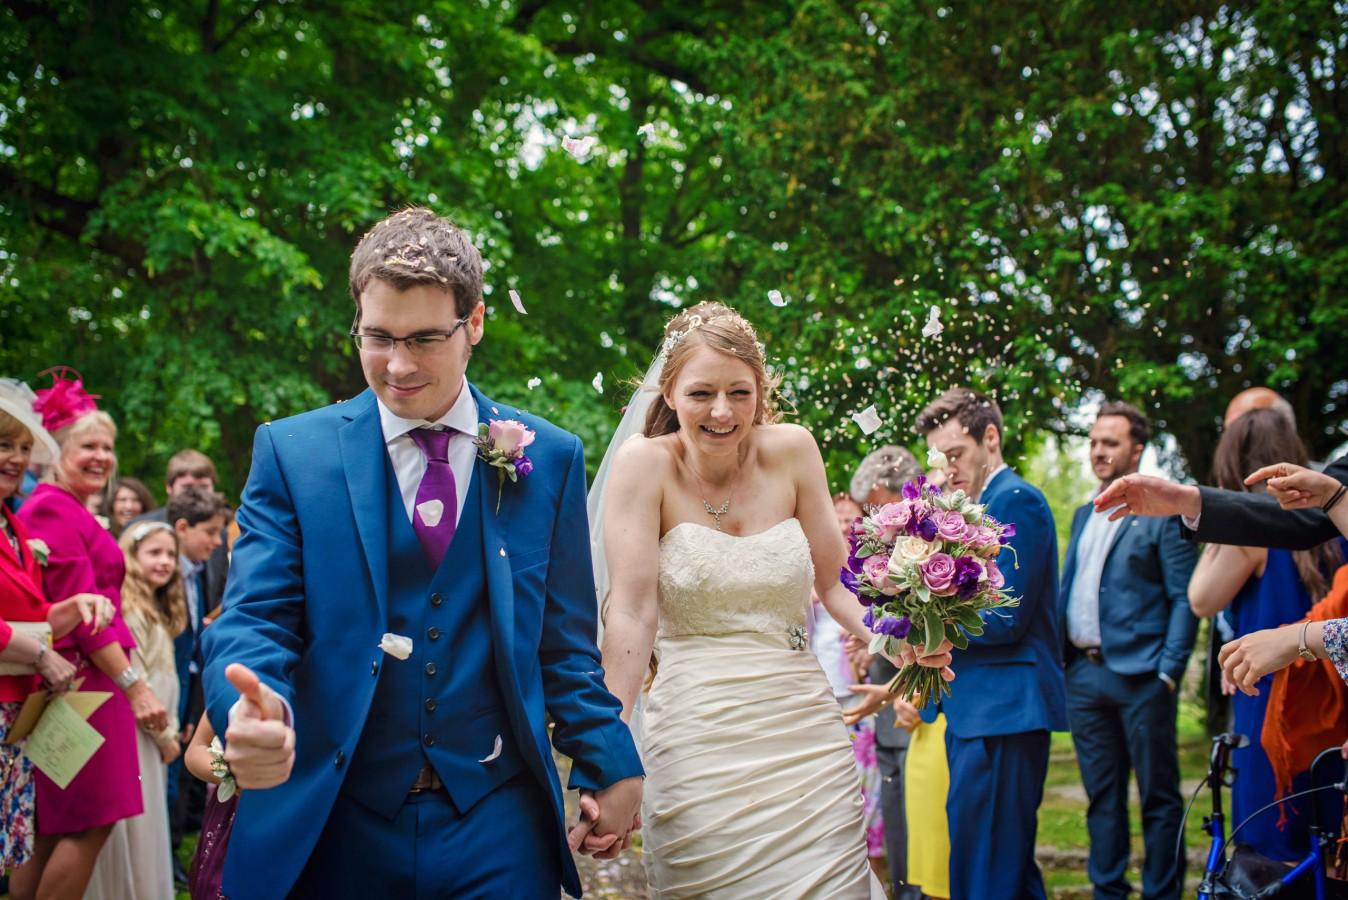 Hampshire Wedding Photographer - GK Photography-118